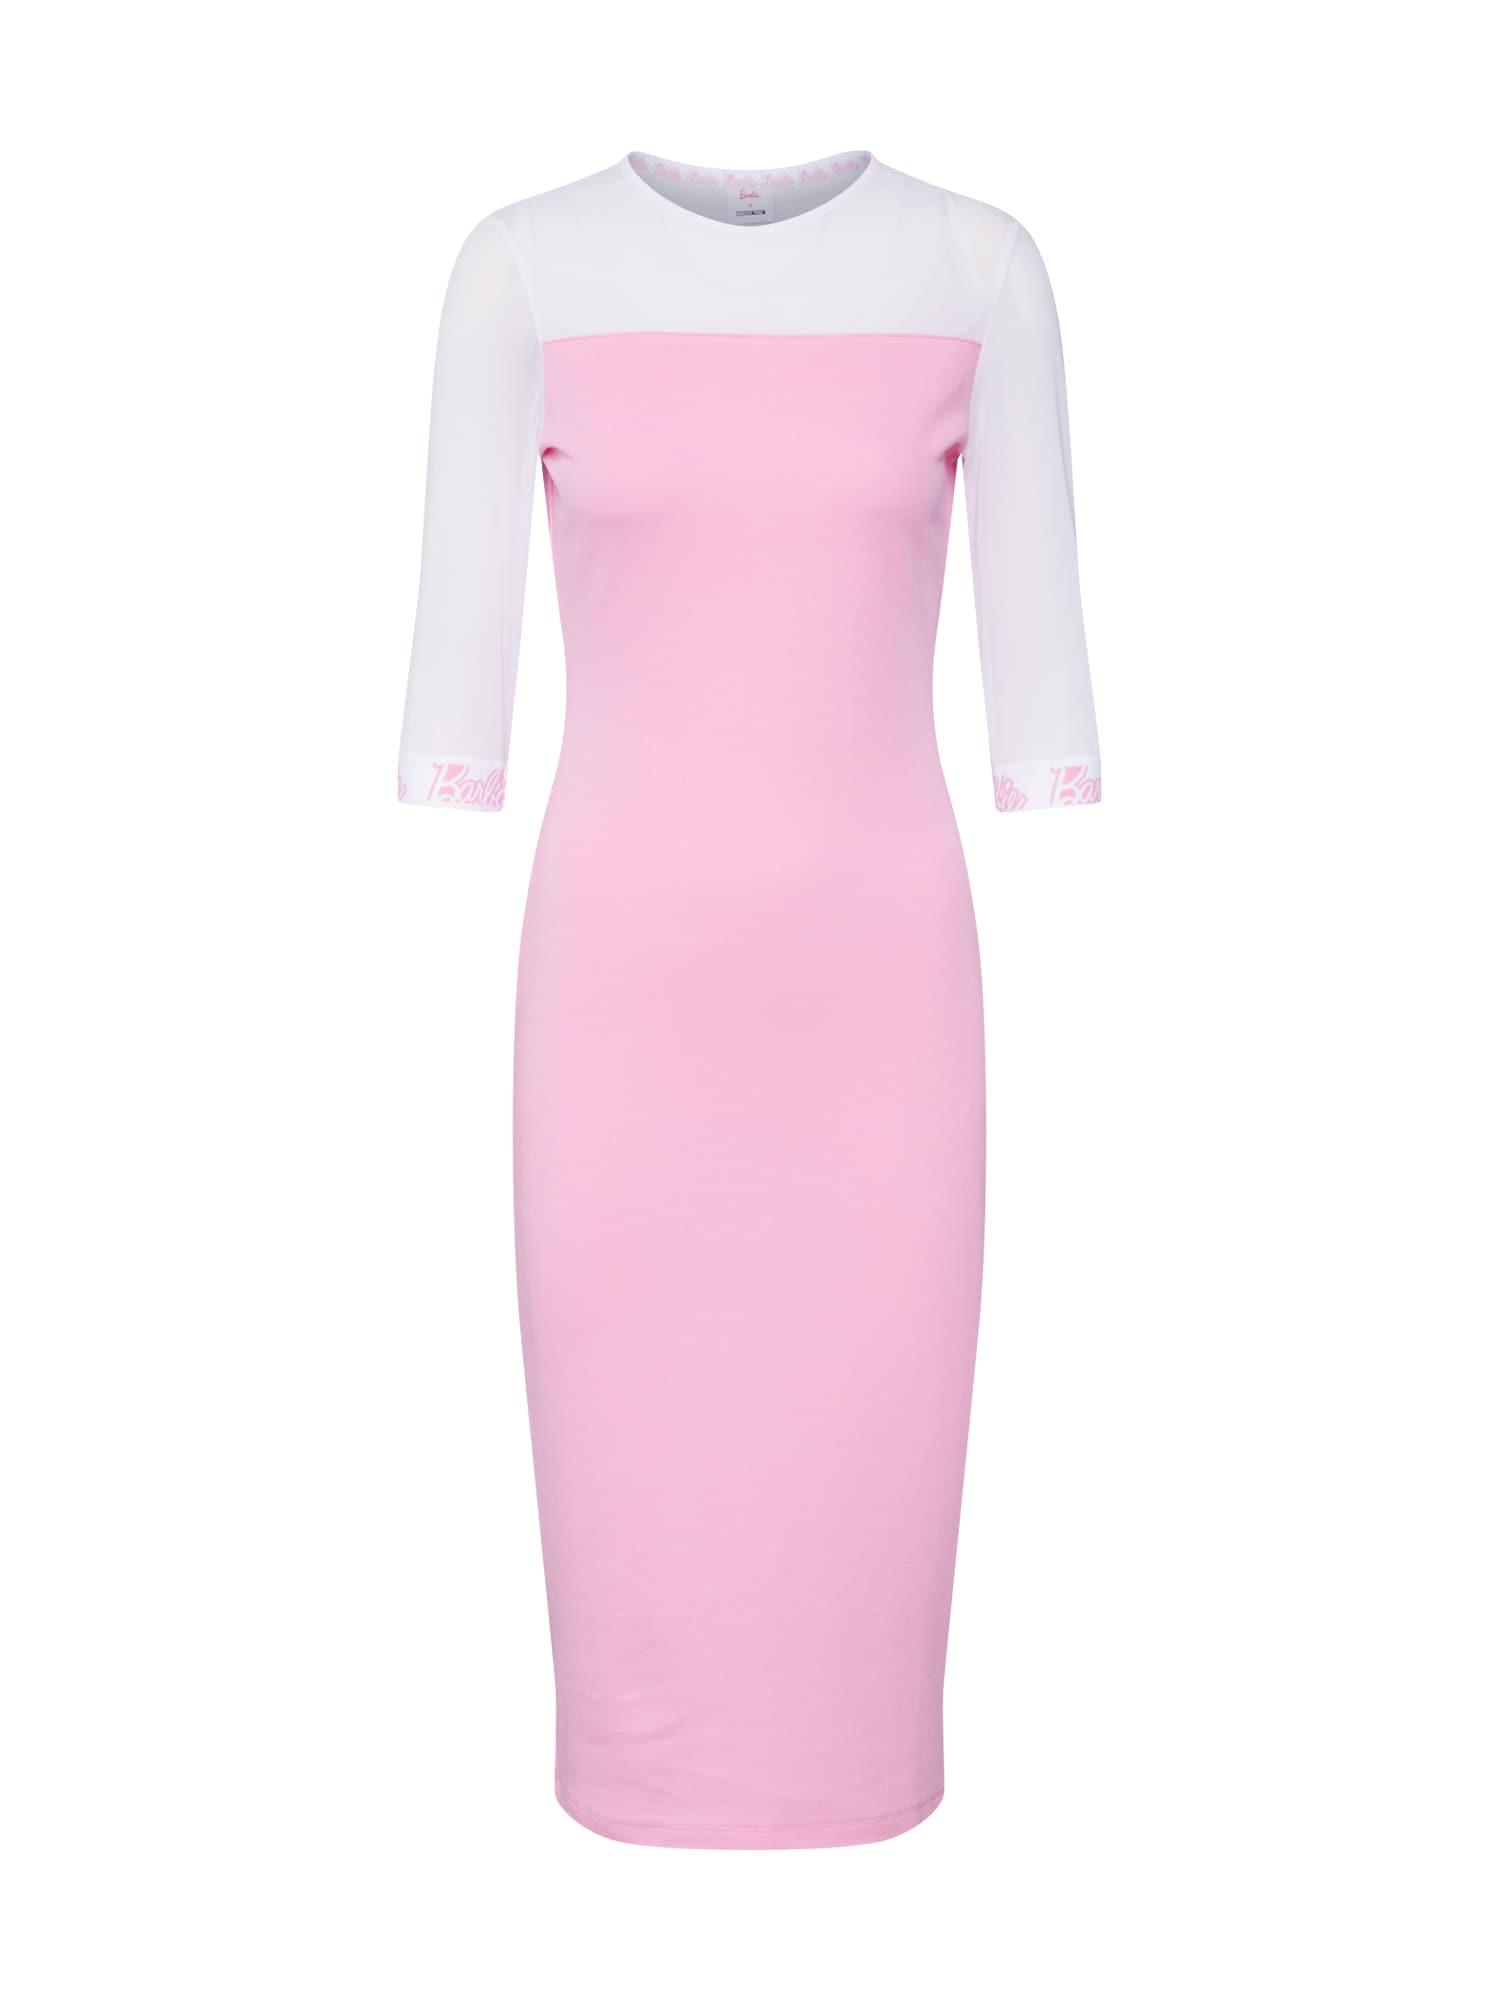 Šaty Soraya pink bílá ABOUT YOU X Barbie